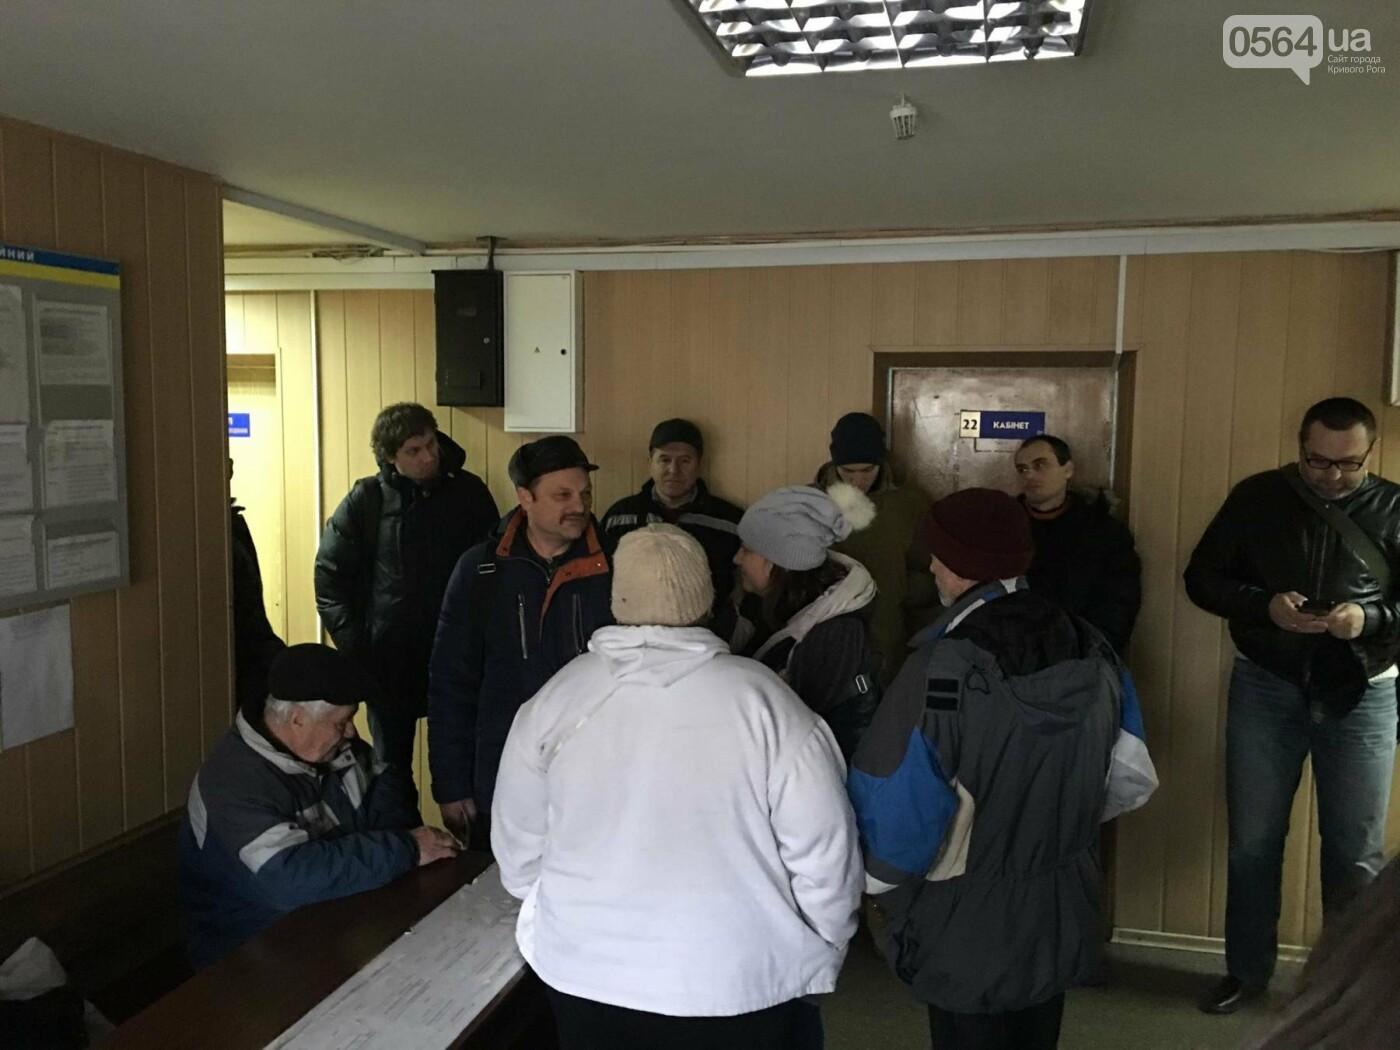 Сегодня в Кривом Роге продолжается суд над горожанином, надругавшимся над Флагом Украины (ФОТО), фото-7